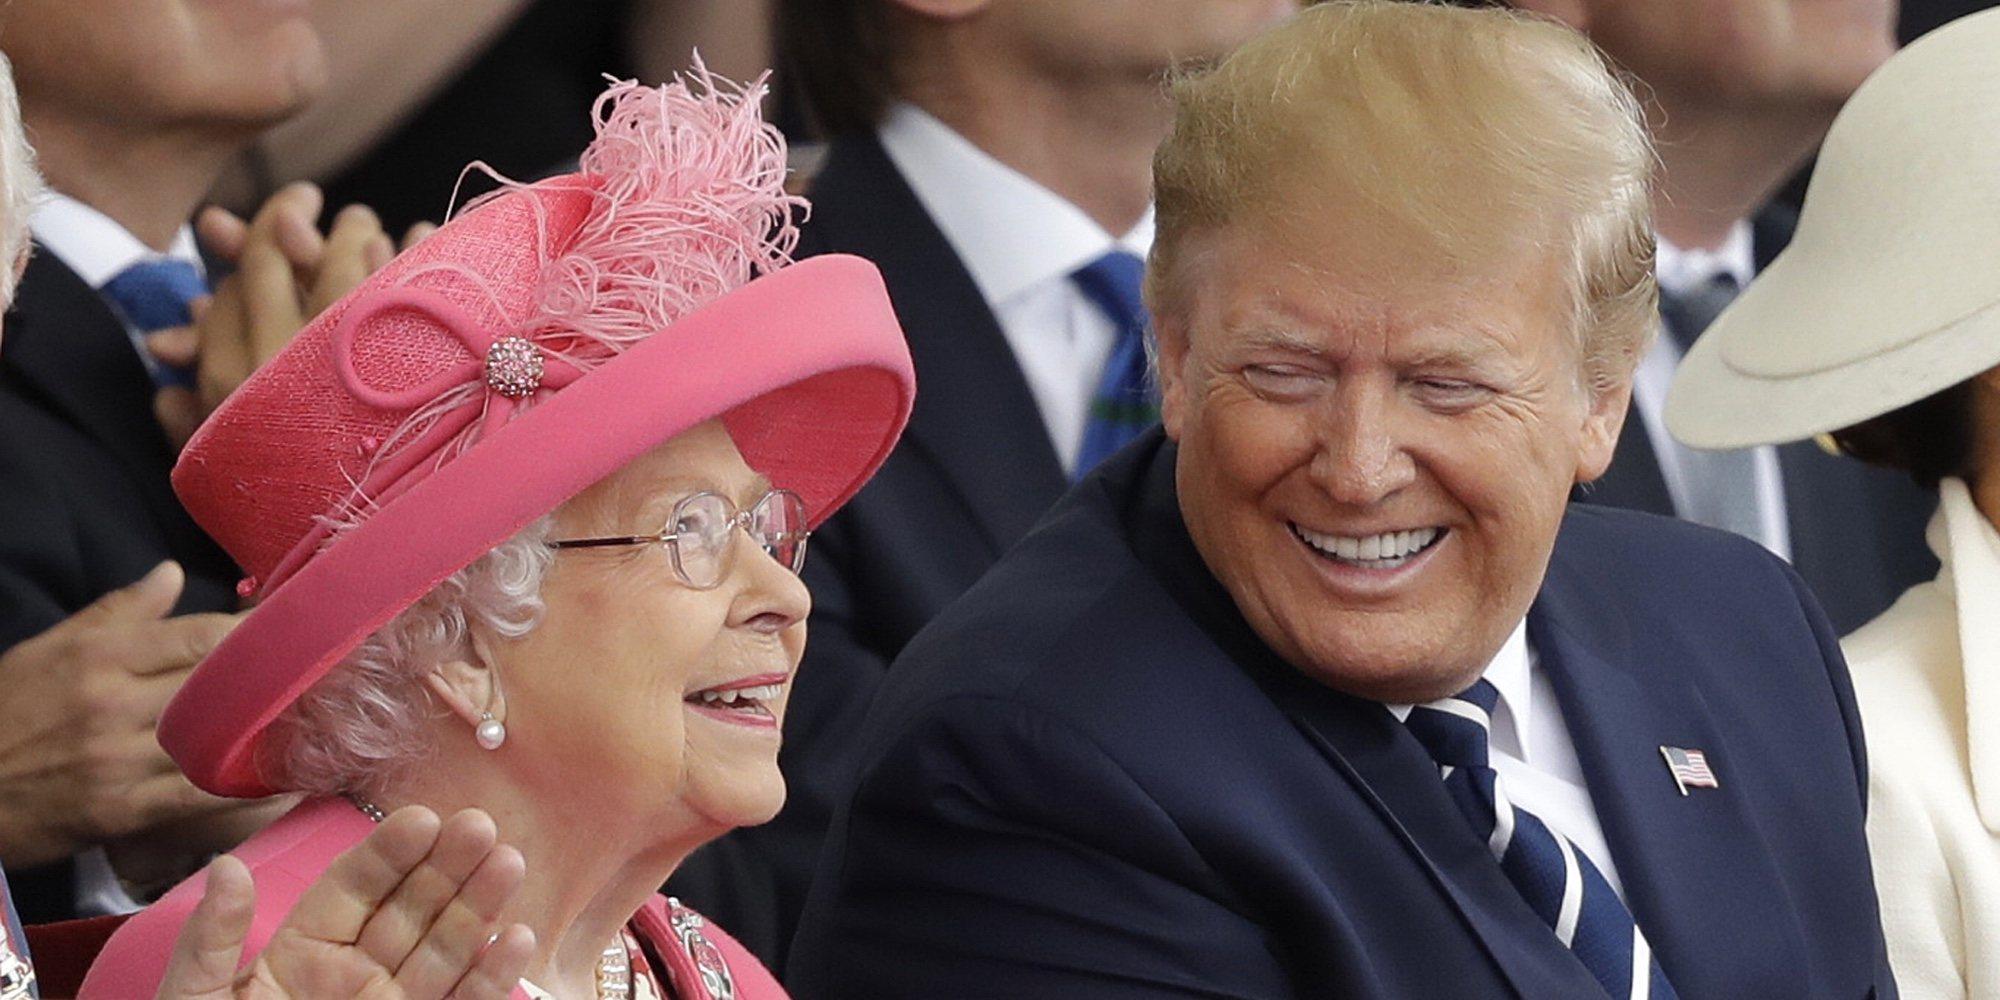 La cariñosa despedida de la Reina Isabel a Donald Trump para agradecerle su Visita de Estado a Reino Unido